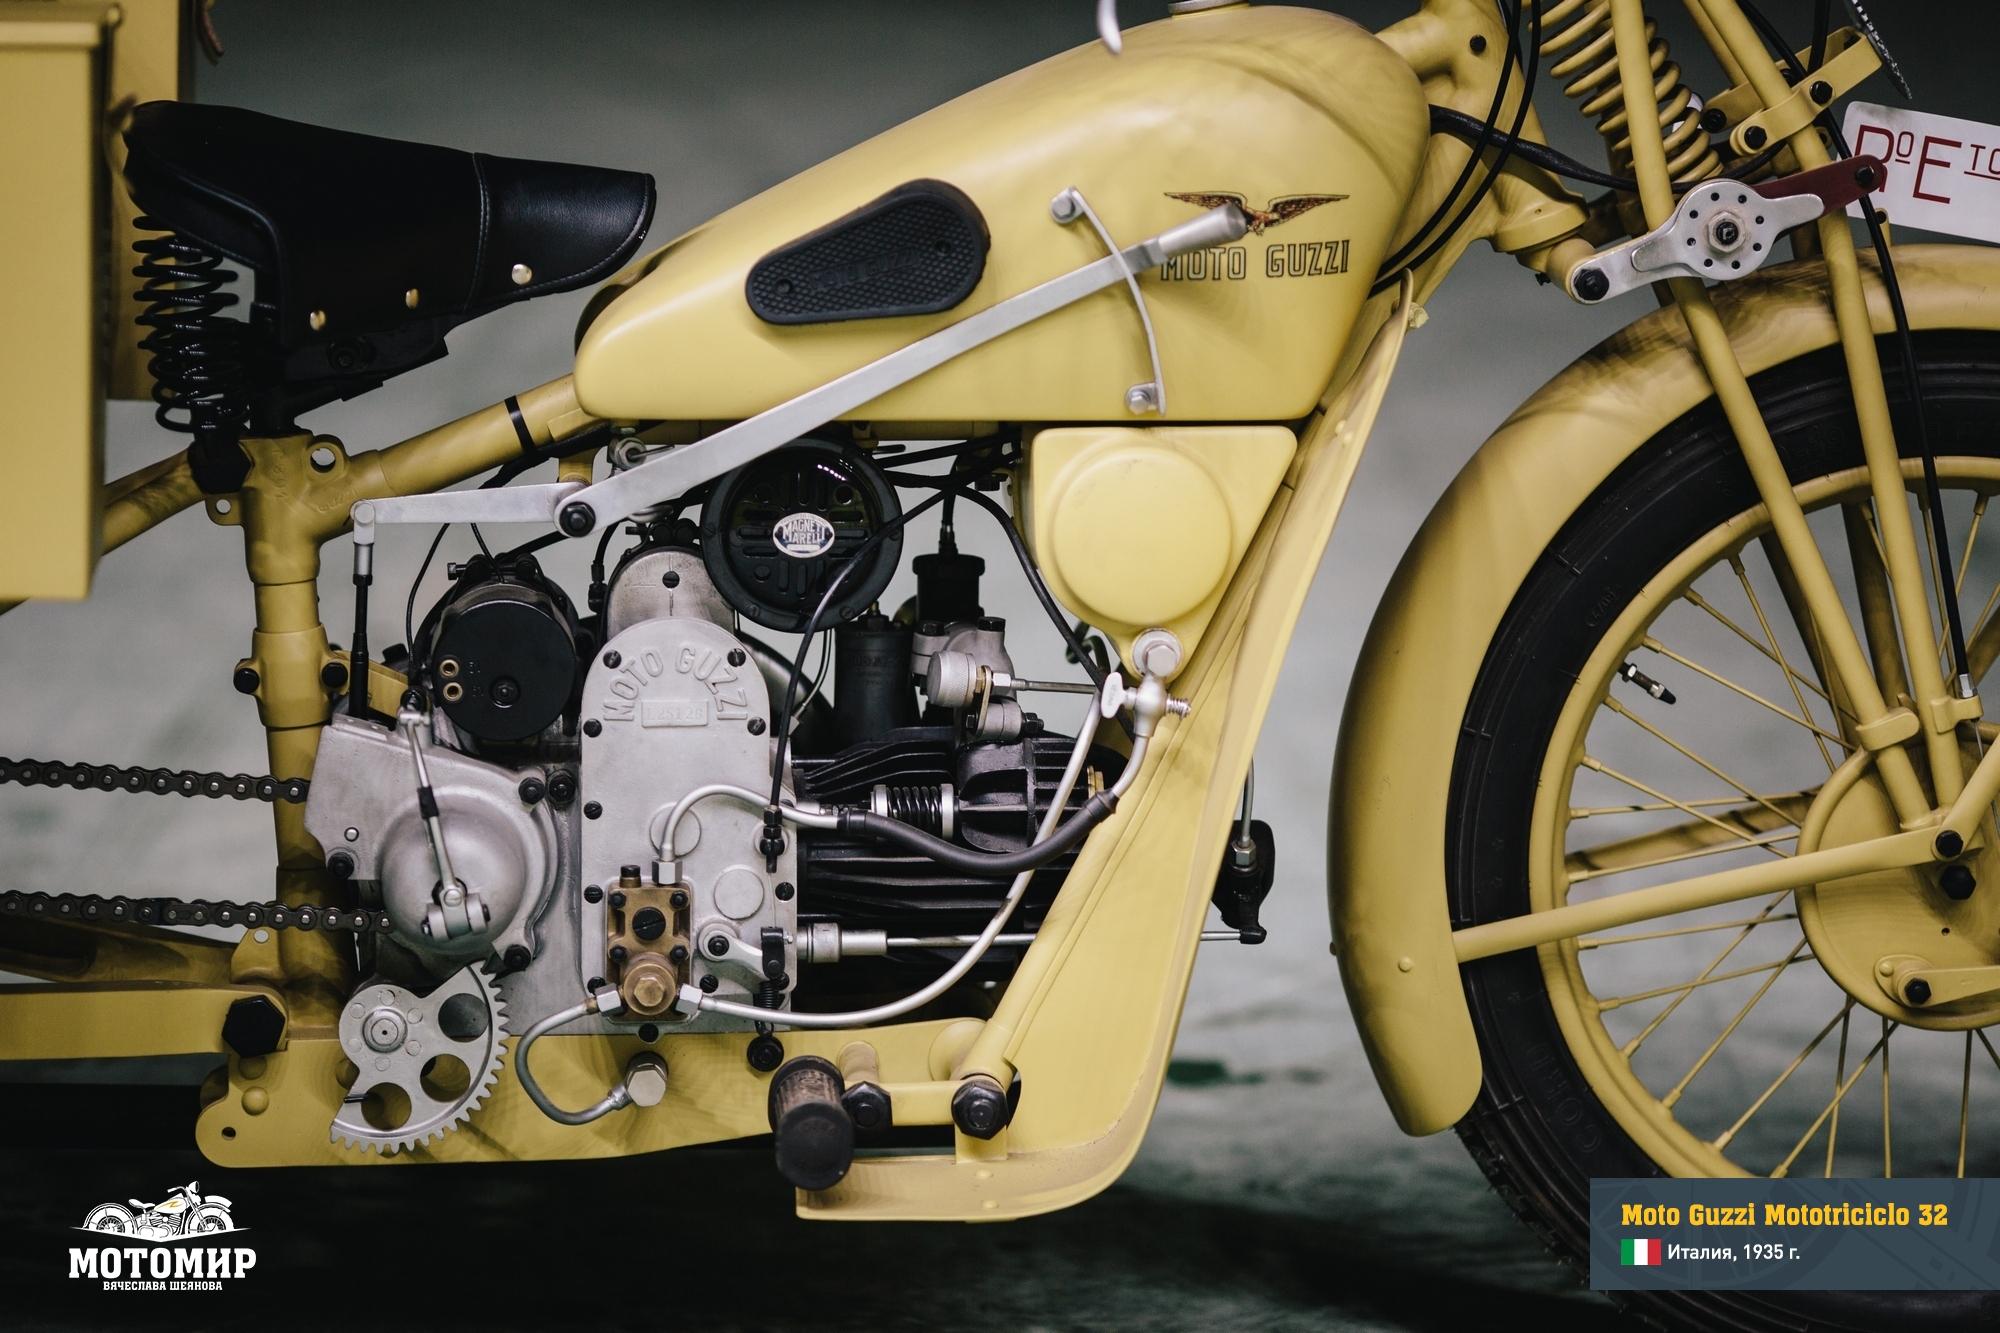 moto-guzzi-mototriciclo-32-web-10